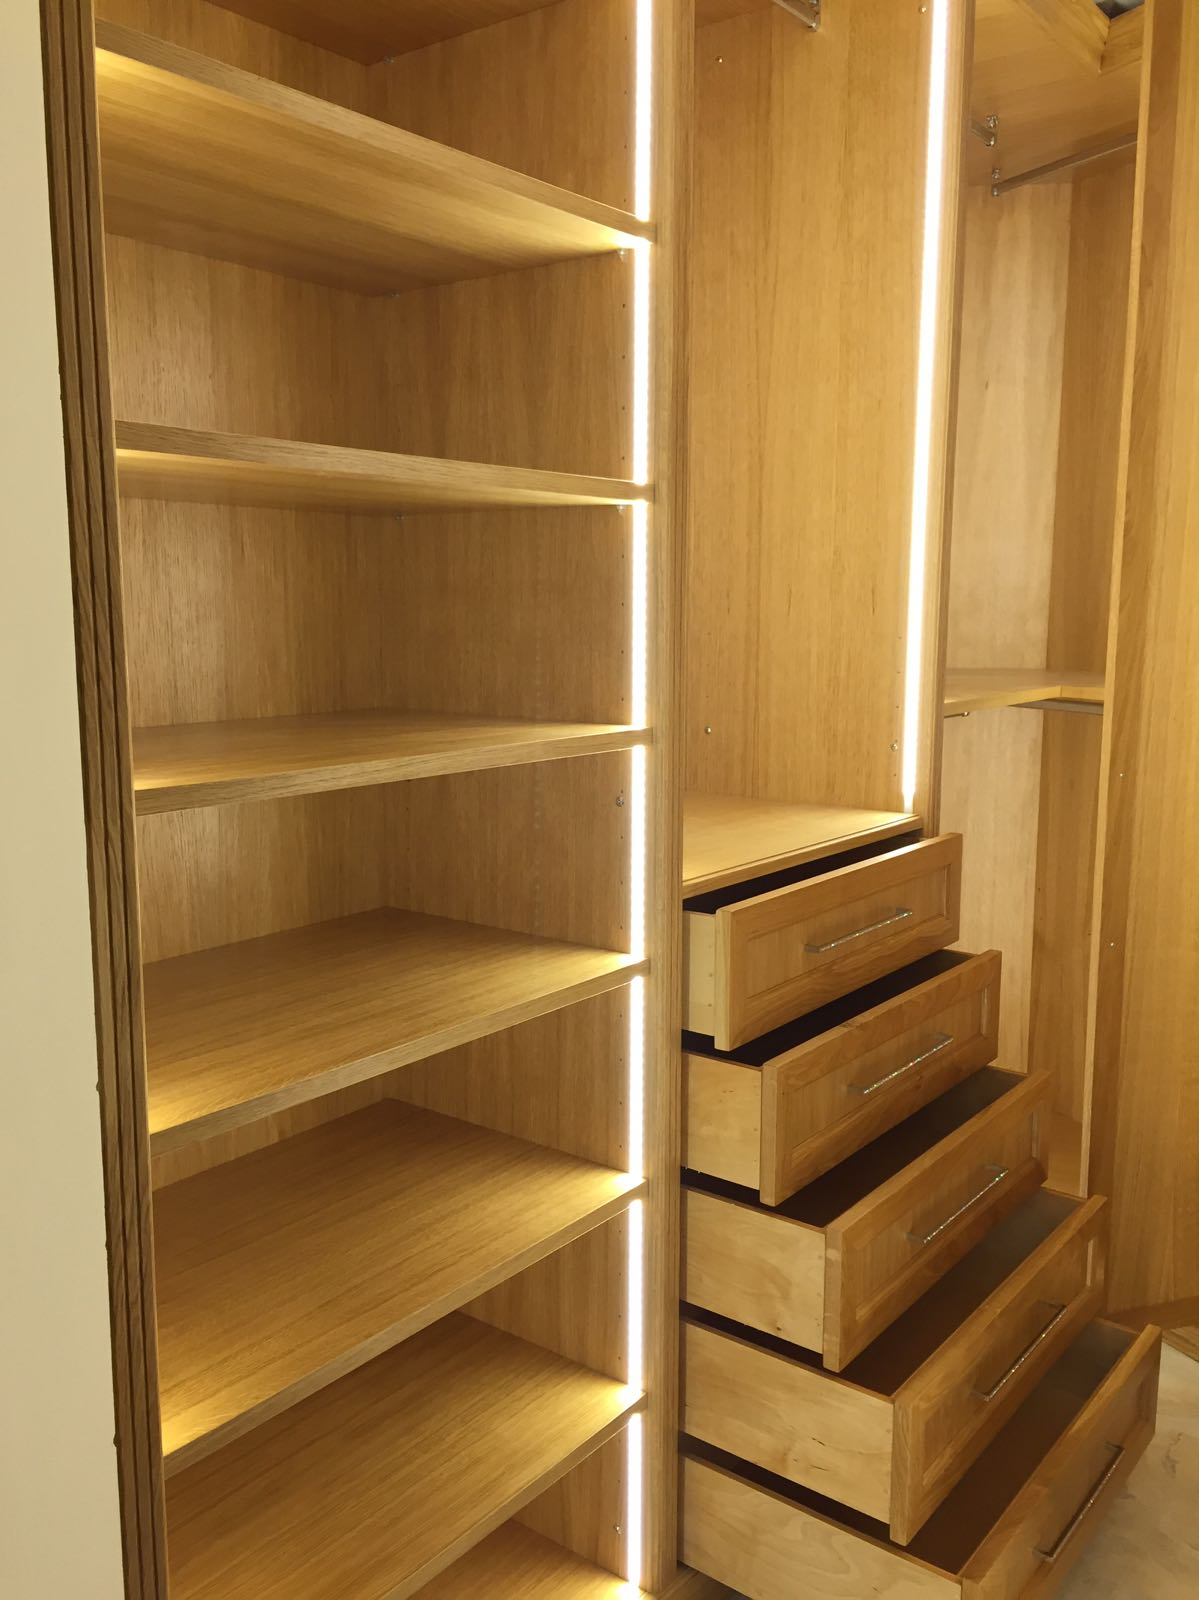 cabine armadio in legno su misura